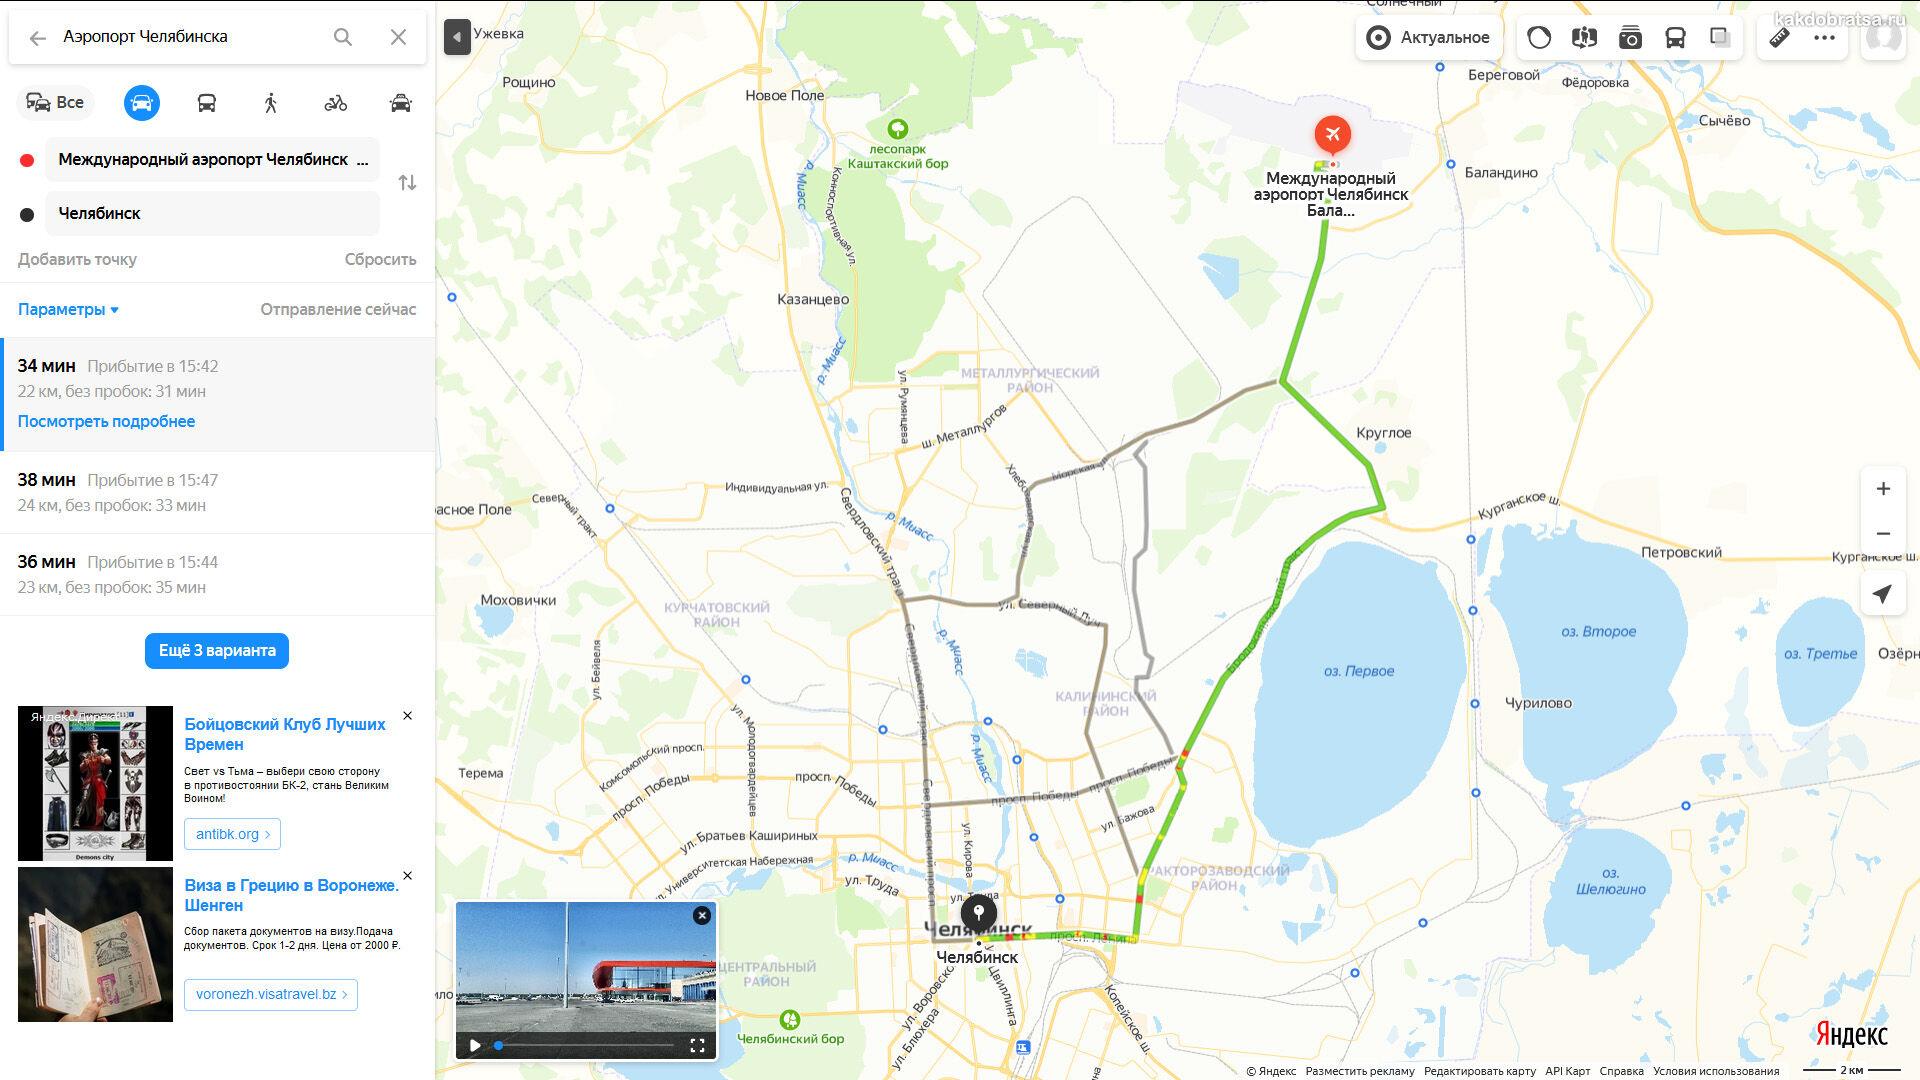 Аэропорт Челябинска на карте и маршрут до центра